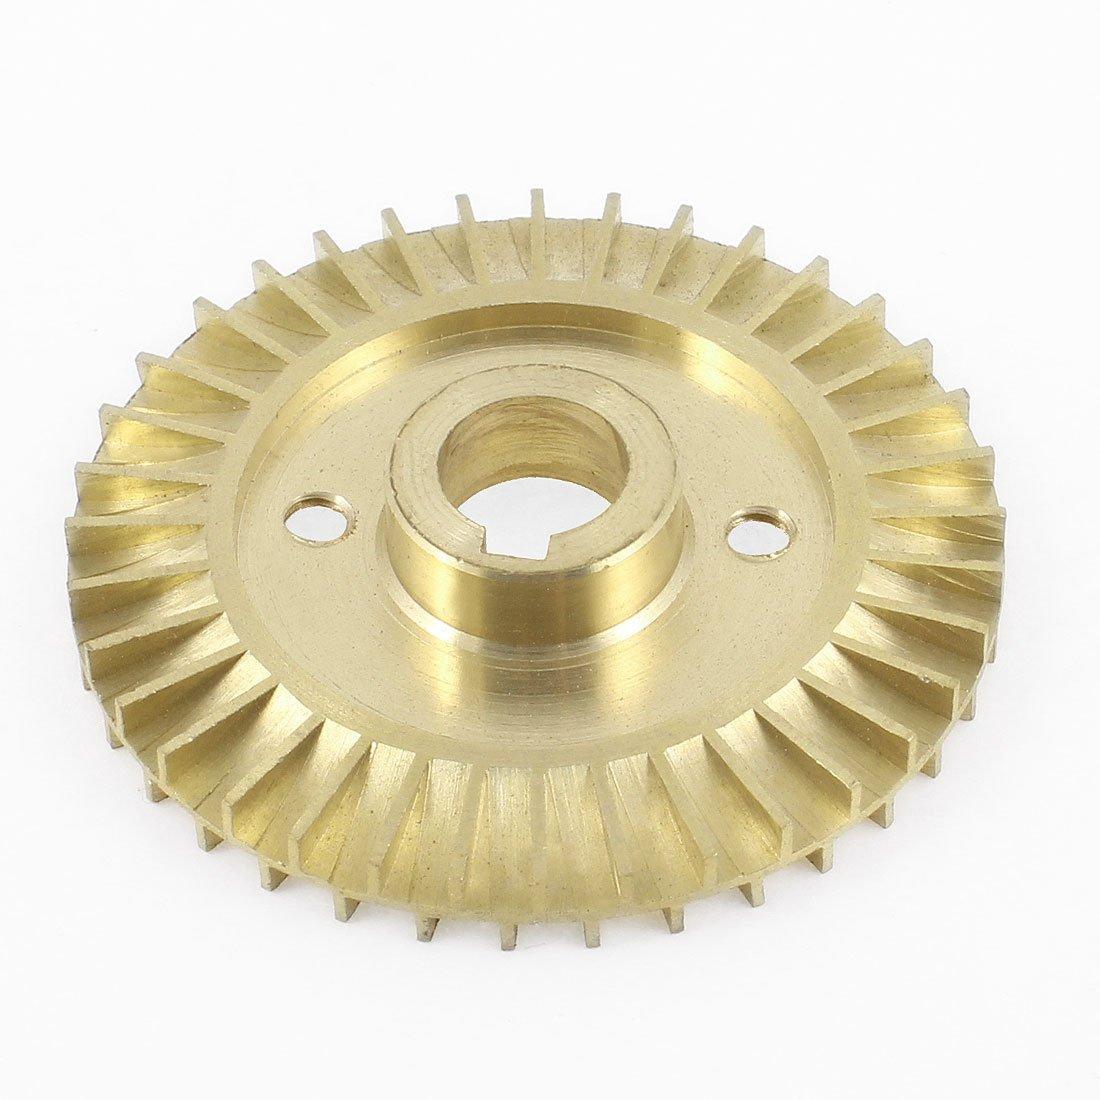 Sourcingmap              60 mm × 12 mm đường kính 36 răng lưỡi kiếm sắc màu đồng thau đồng bơm bánh